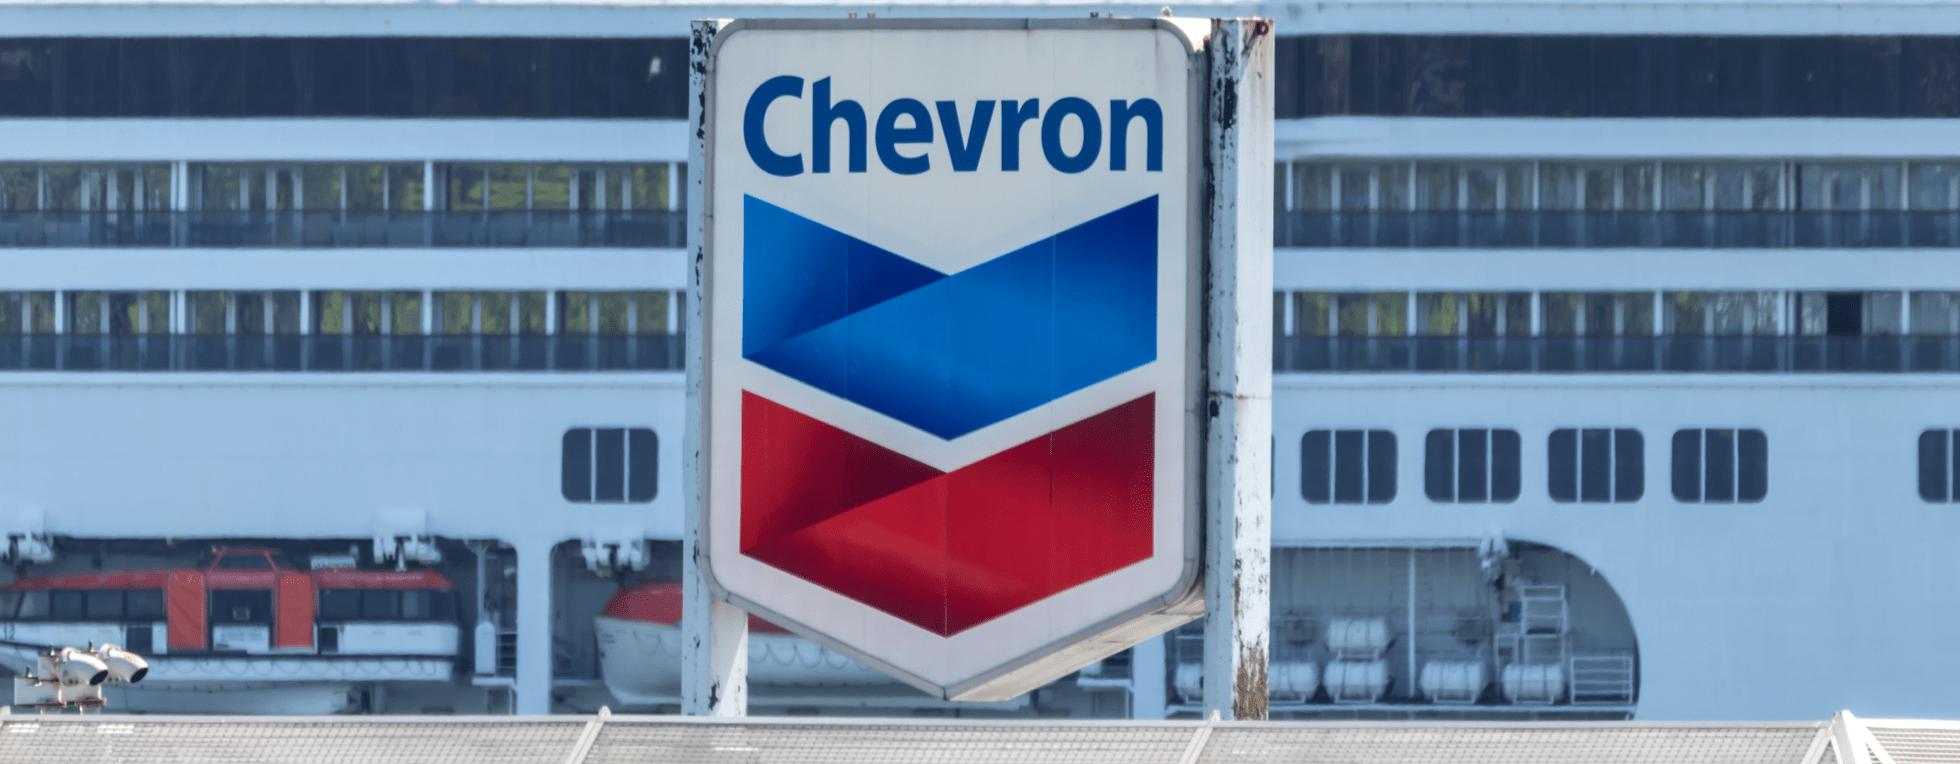 Chevron's Net Zero Aspiration